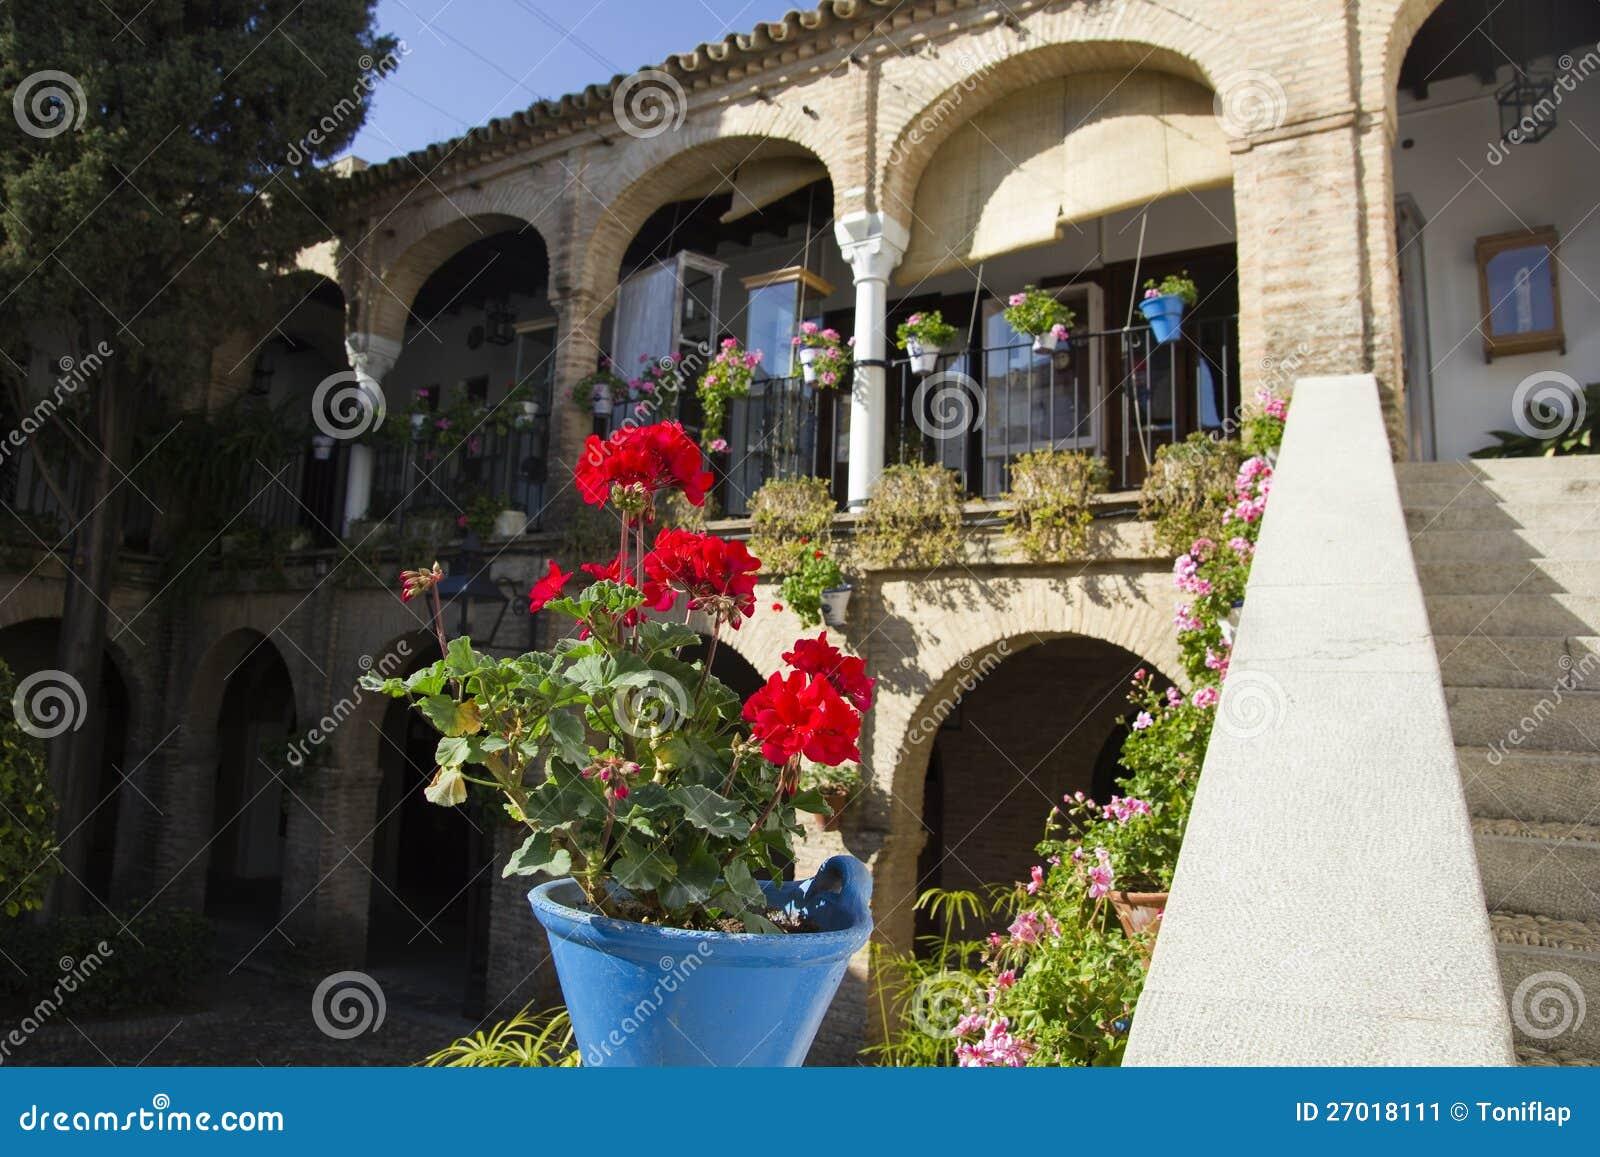 Patio andaluz imagen de archivo imagen de brillante - Fotos patio andaluz ...